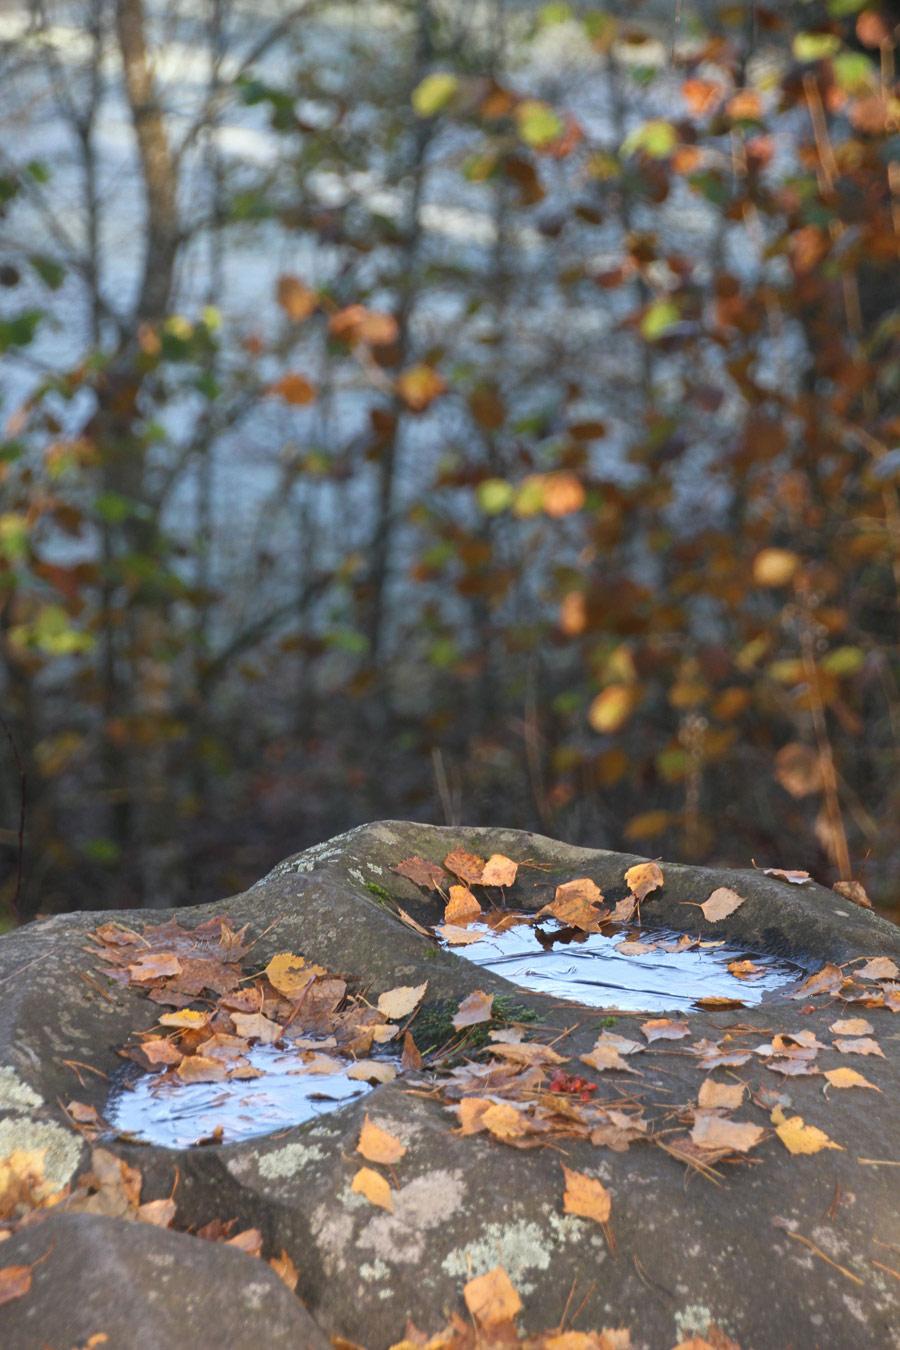 Грустные углубления, © Кая Хасс, Поселок Хельме, приход Хельме, Мульгимаа, Эстония, Камень раба, Фотоконкурс «Священные рощи»